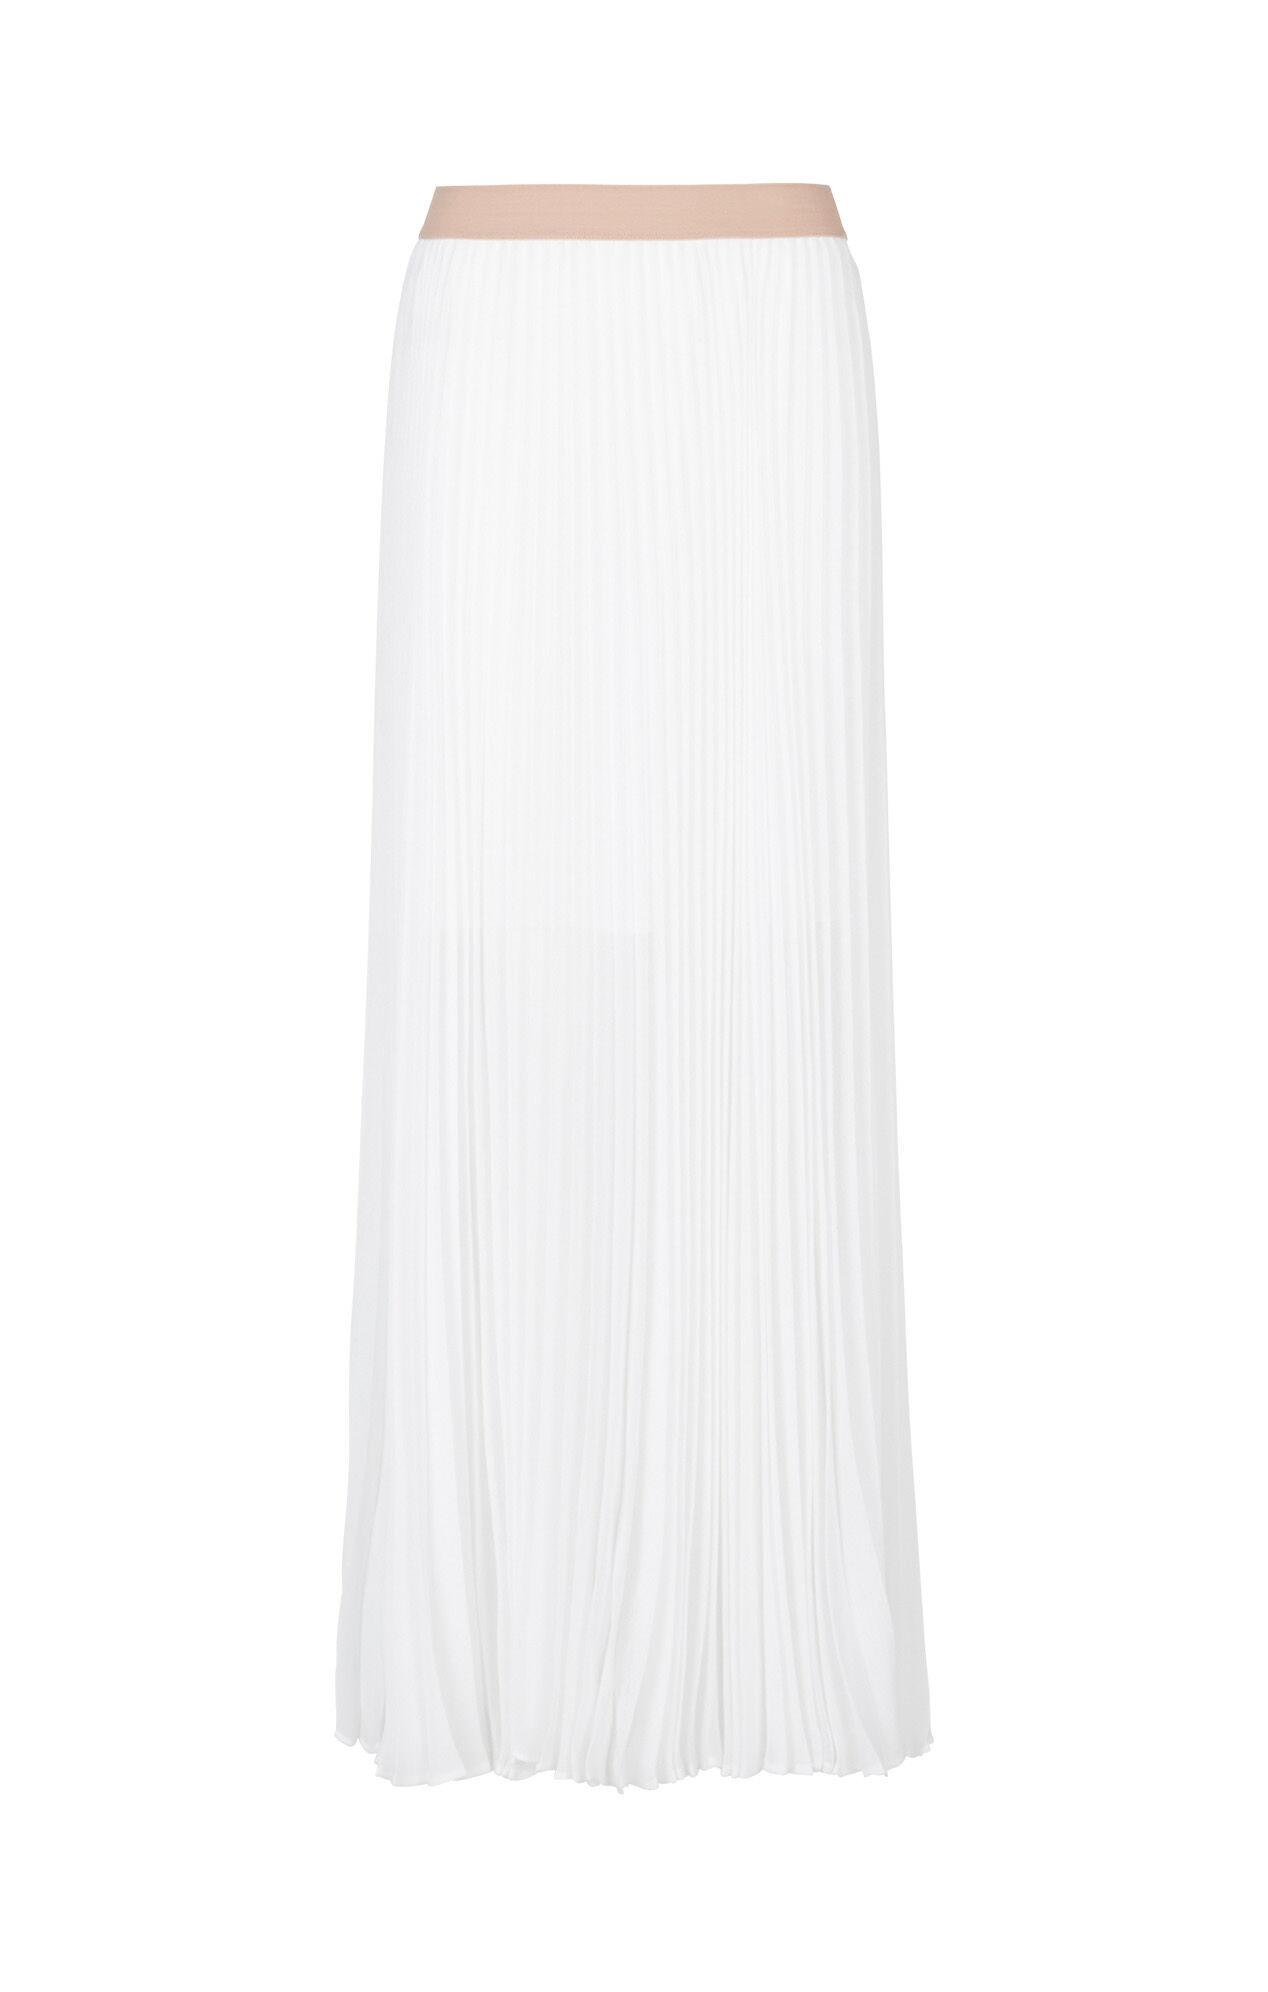 Esten Sunburst Pleated Maxi Skirt